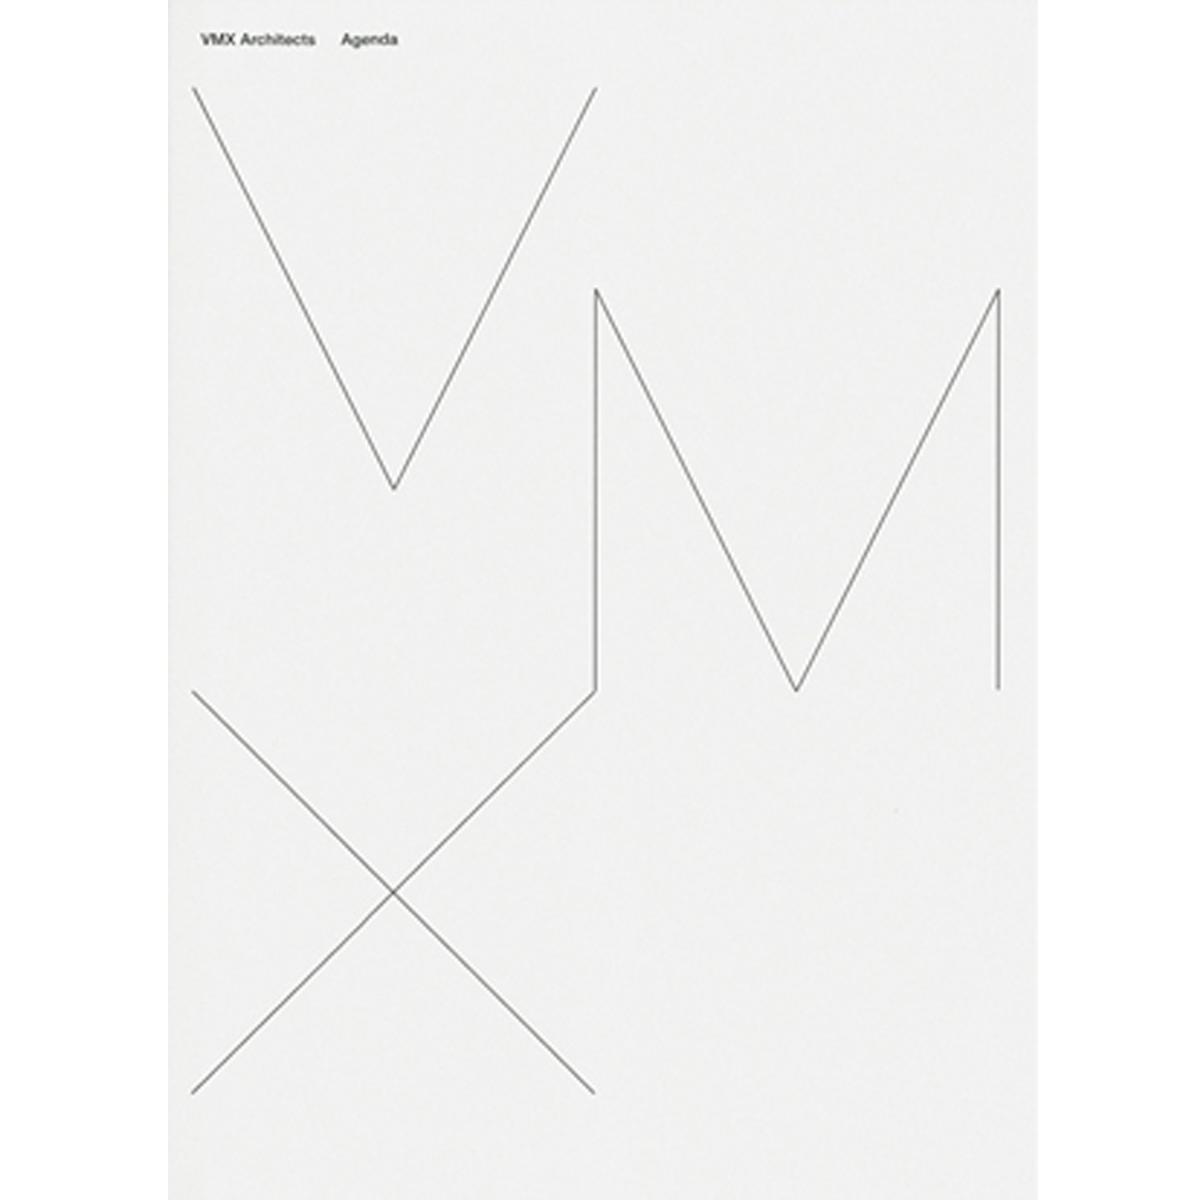 VMX Architects Agenda